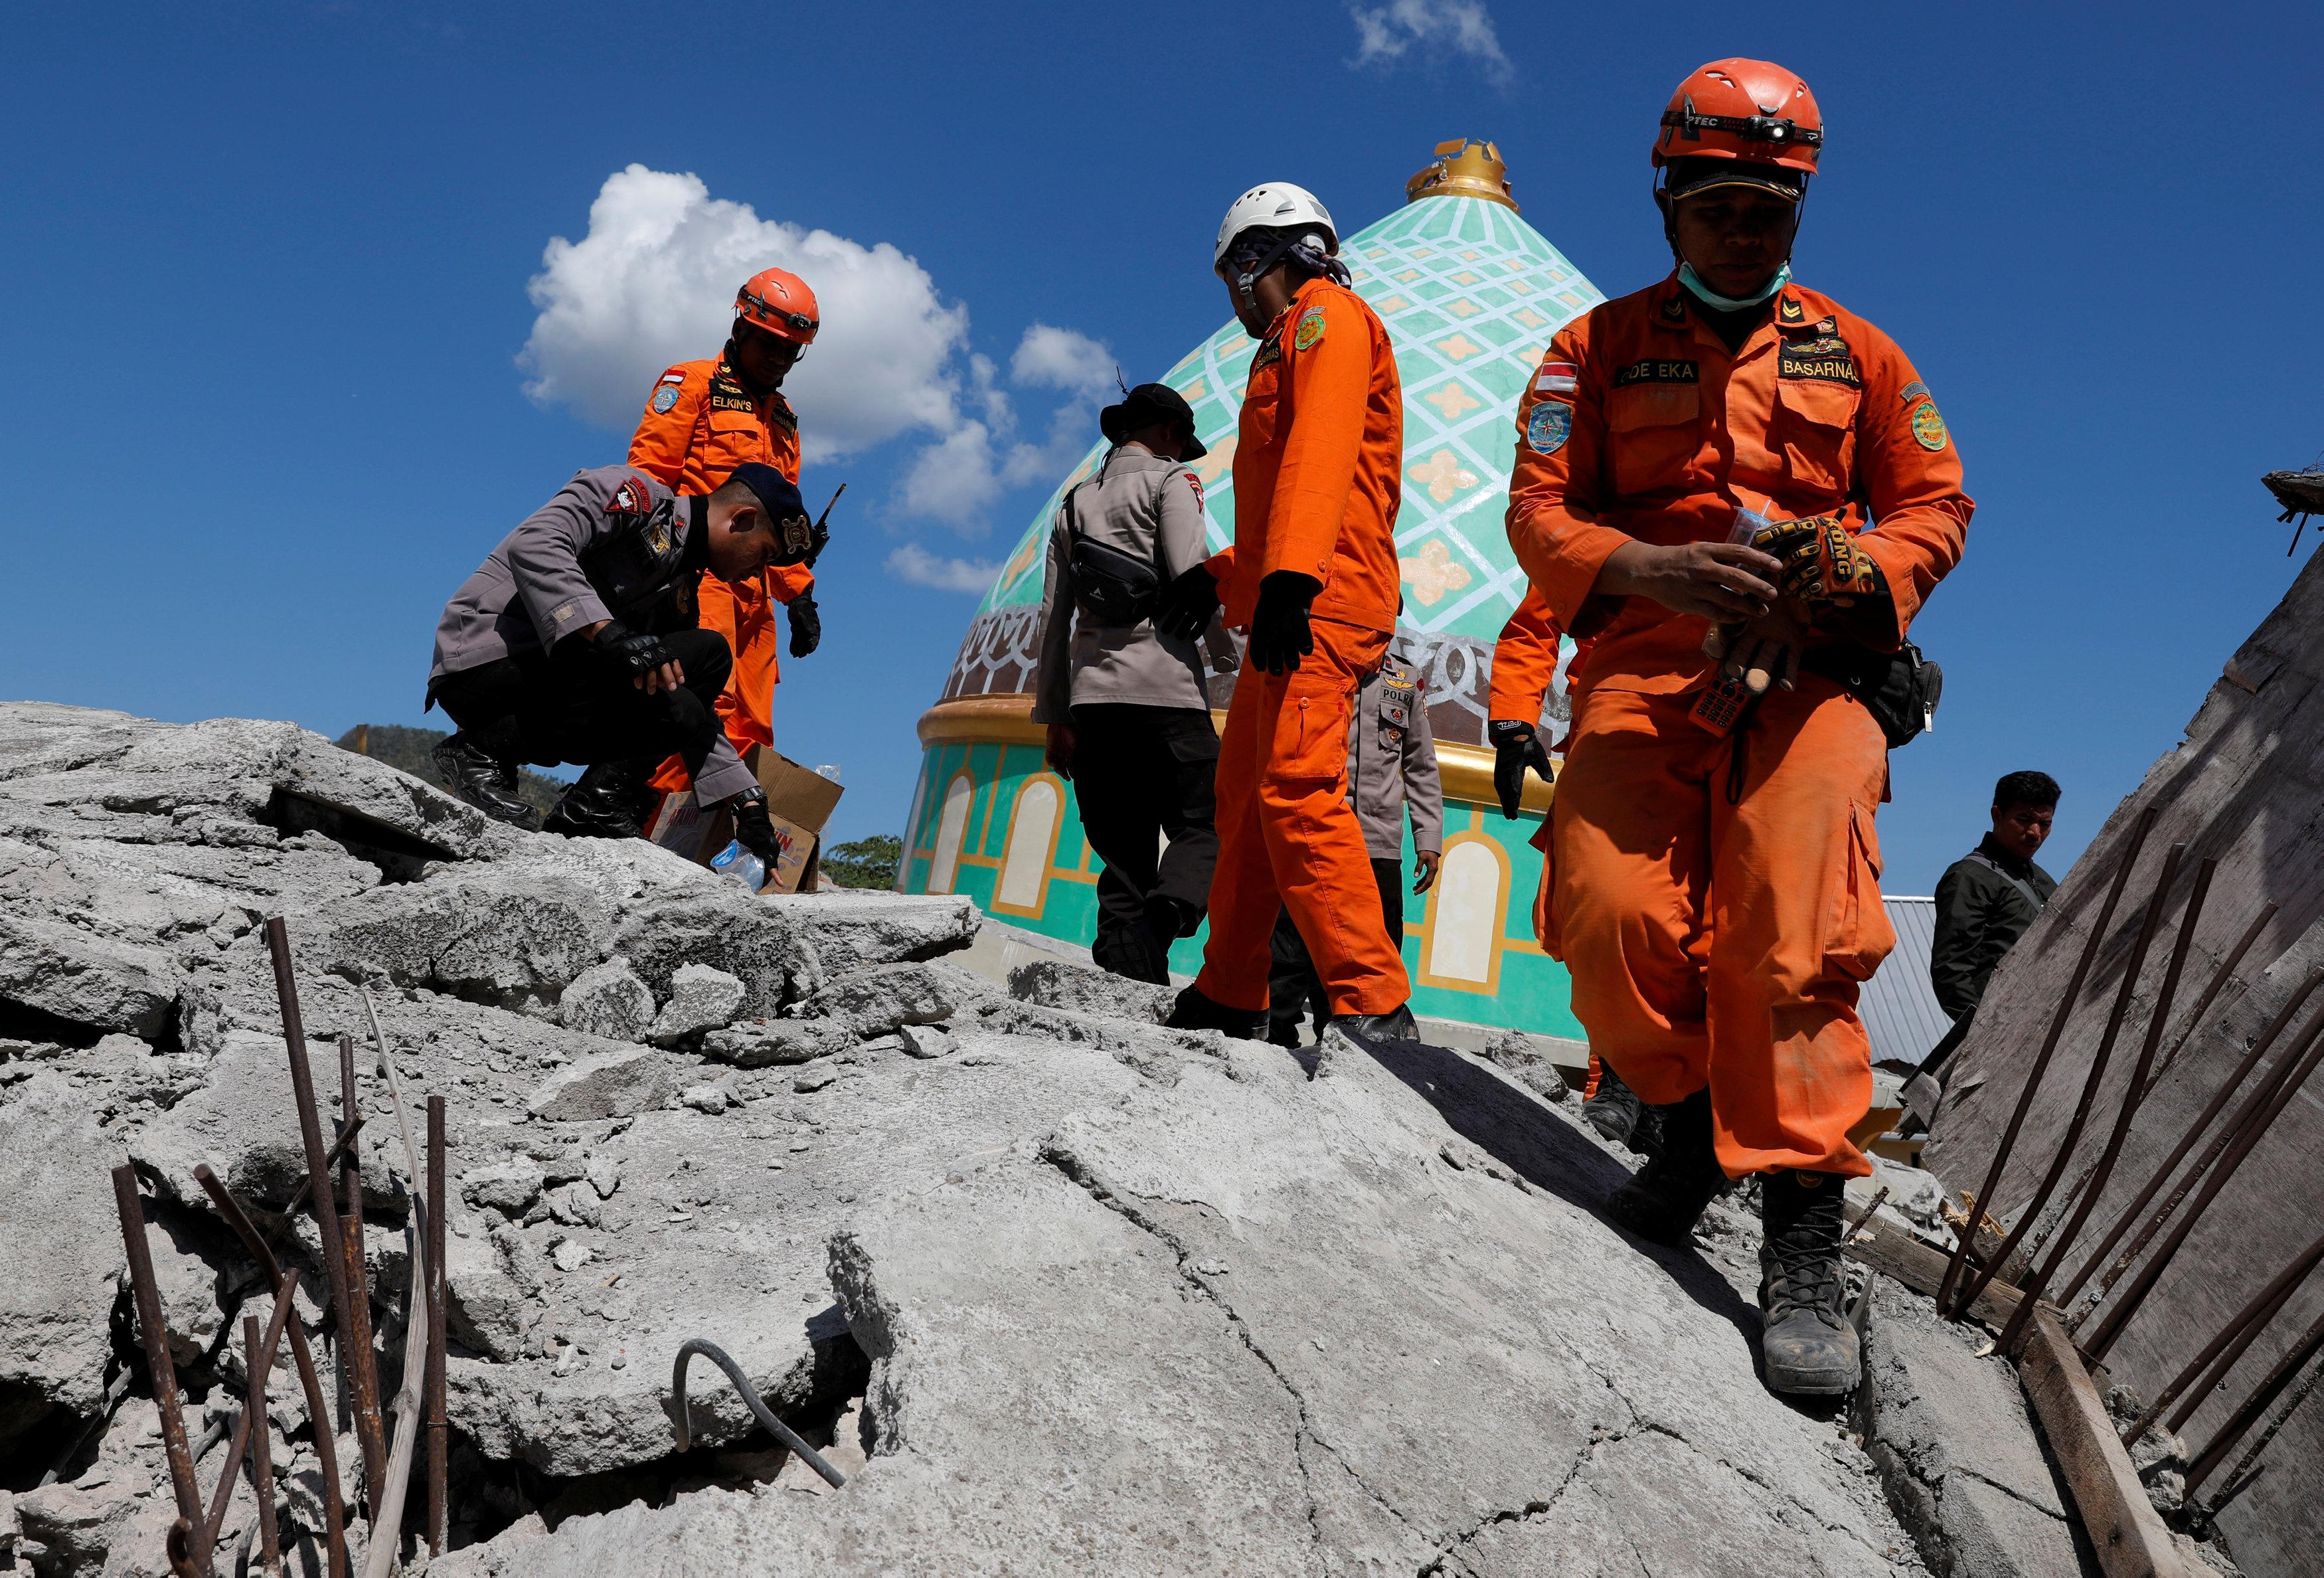 محاولات رجال الإنقاذ فى إندونيسيا